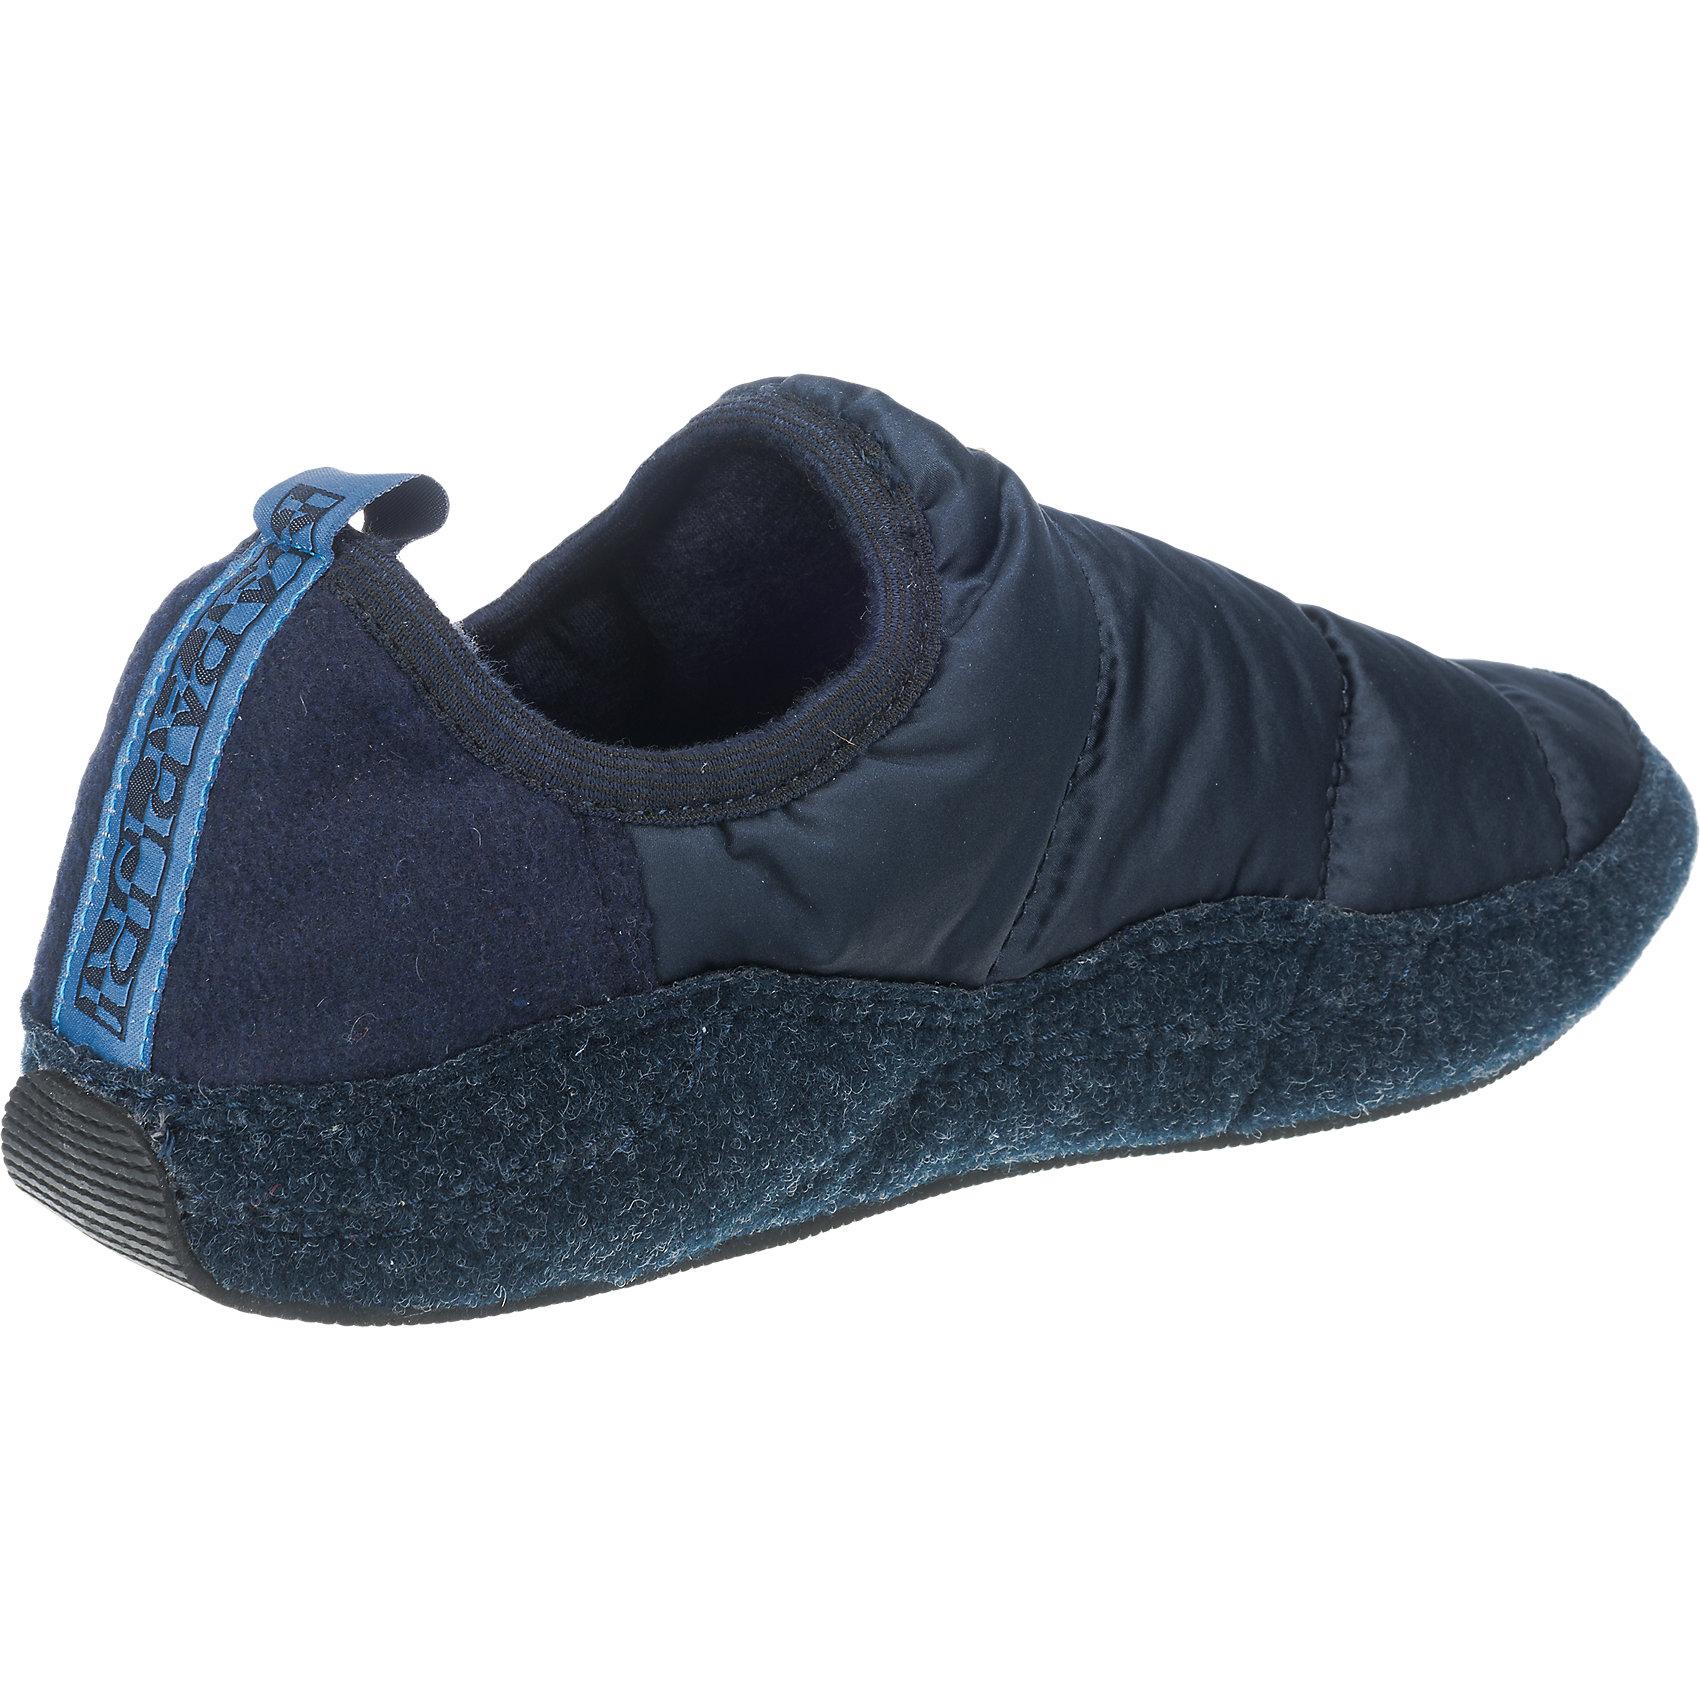 Neu NAPAPIJRI Morran Hausschuhe 5777957 dunkelblau khaki für Herren khaki dunkelblau ... 9469e9